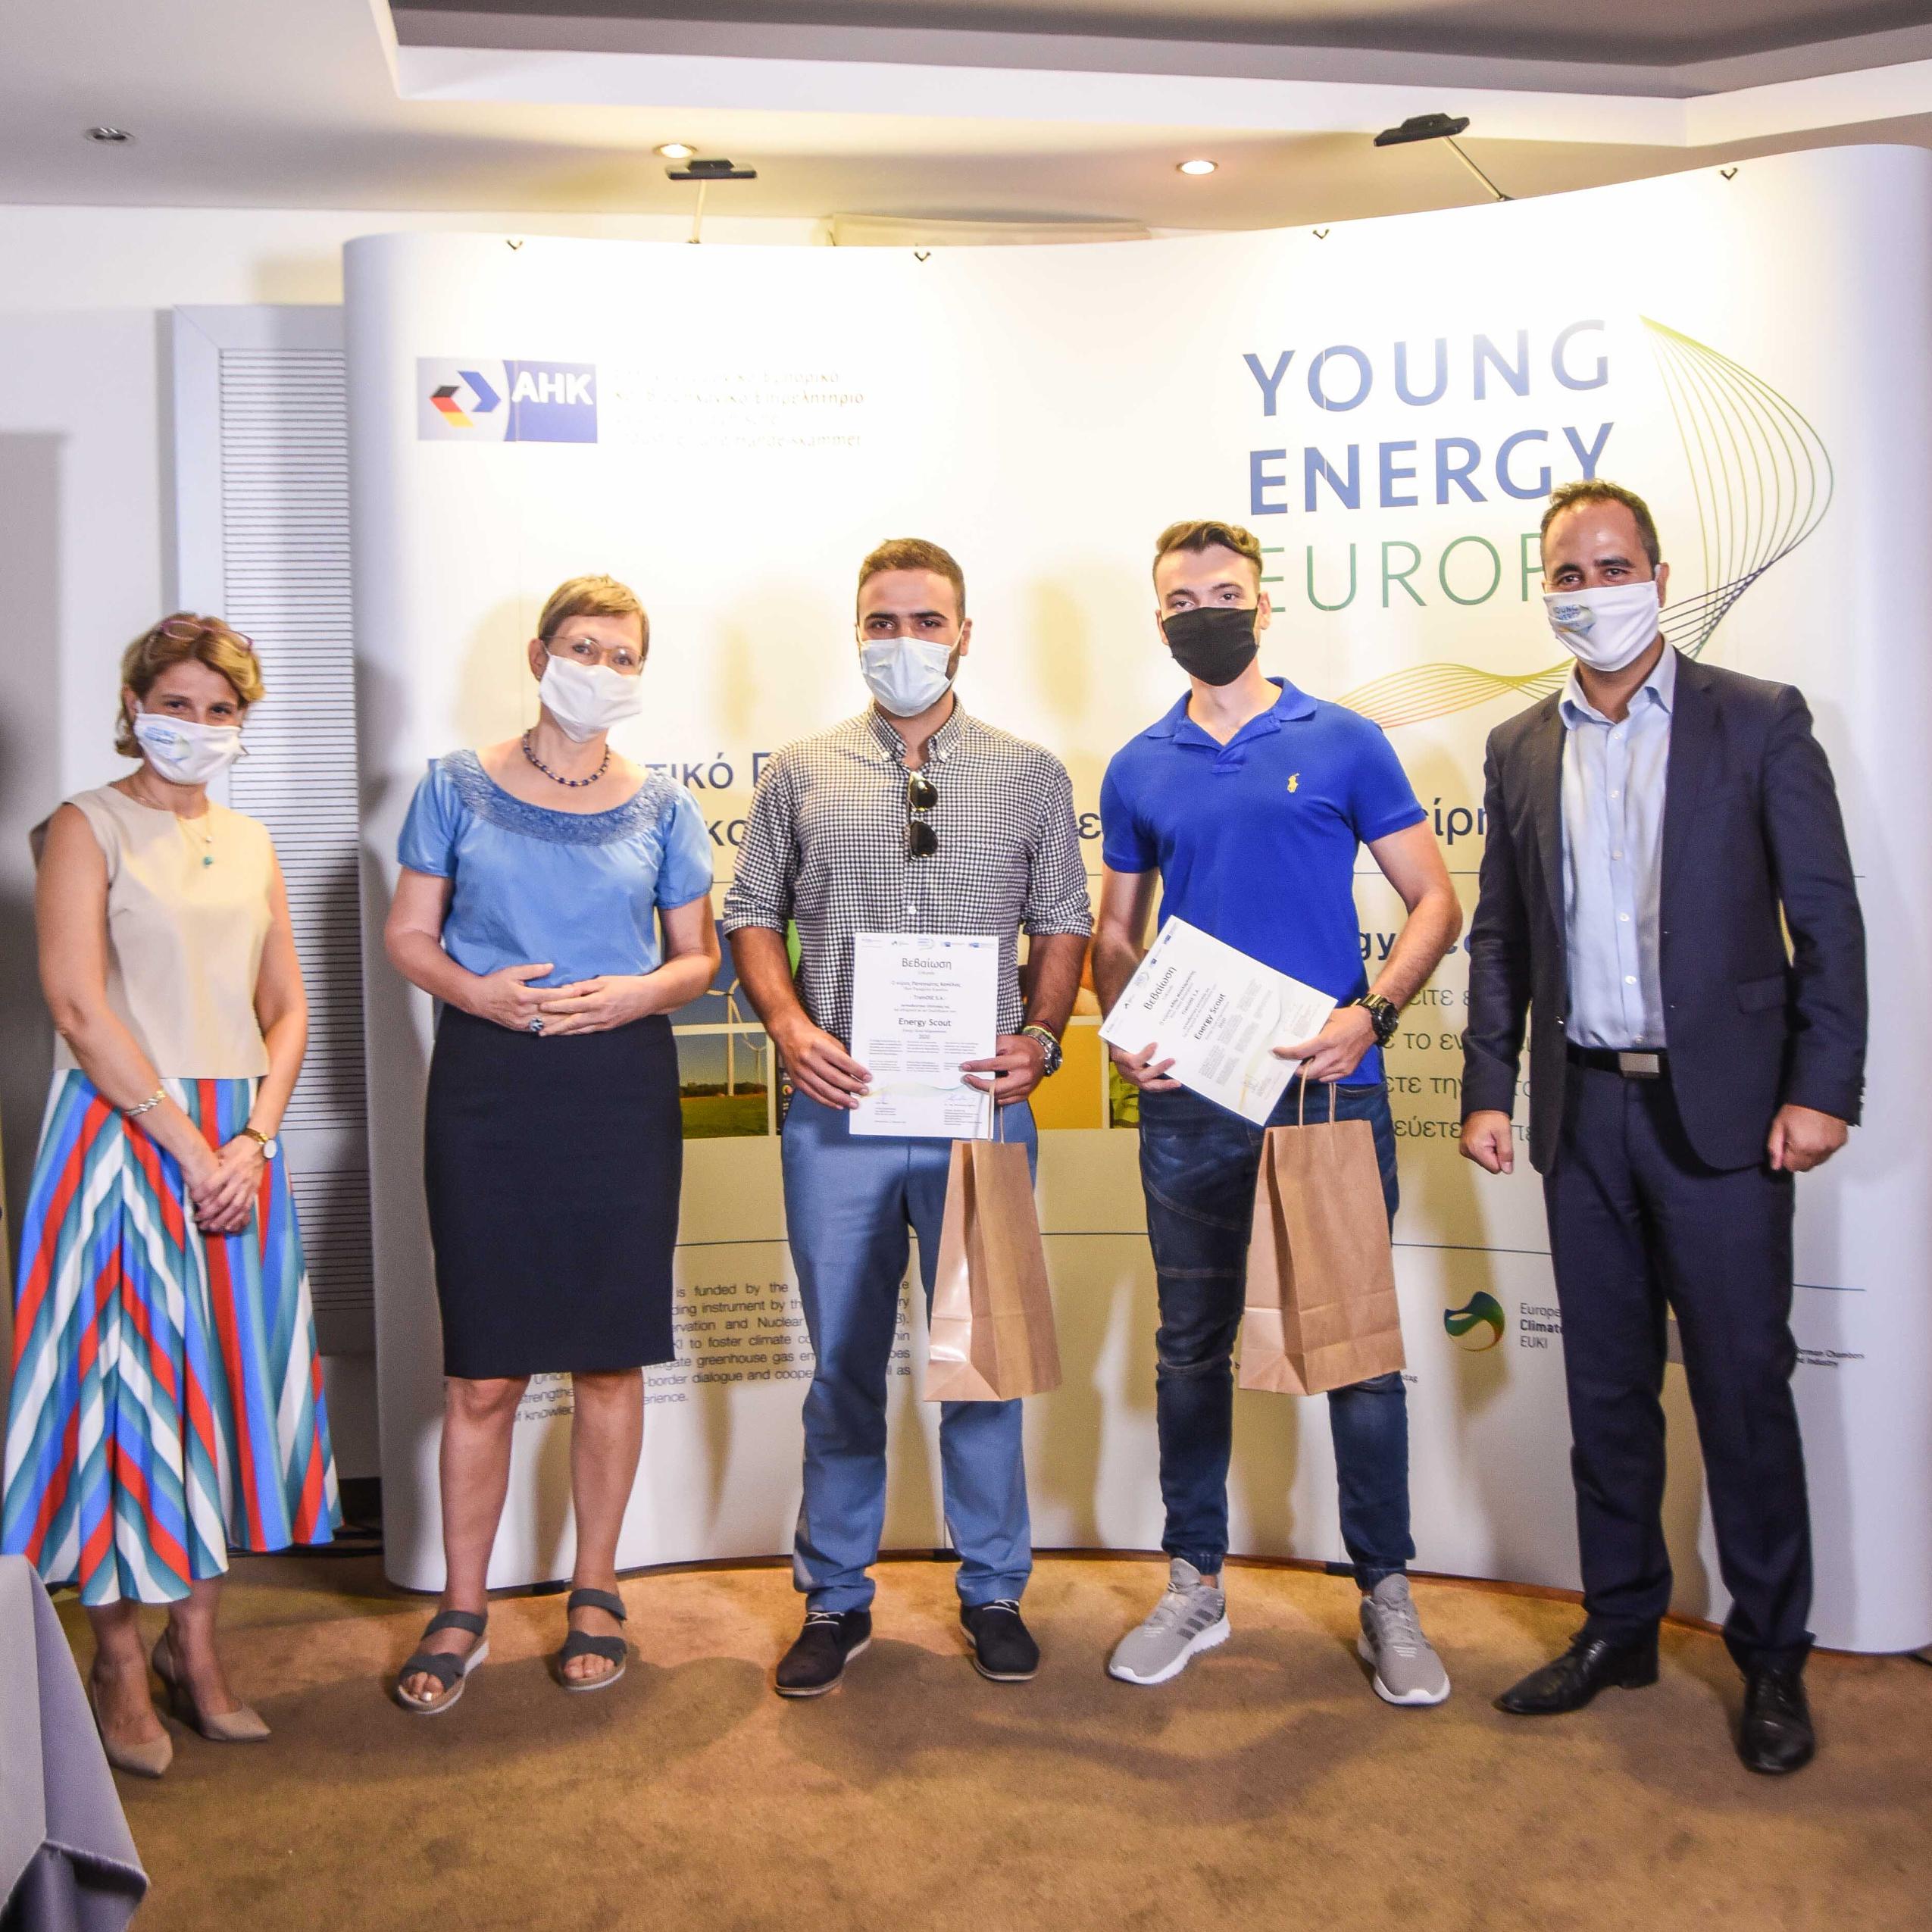 Απονομή βεβαιώσεων «Energy Scouts» στη Θεσσαλονίκη στο πλαίσιο του έργου Young Energy Europe